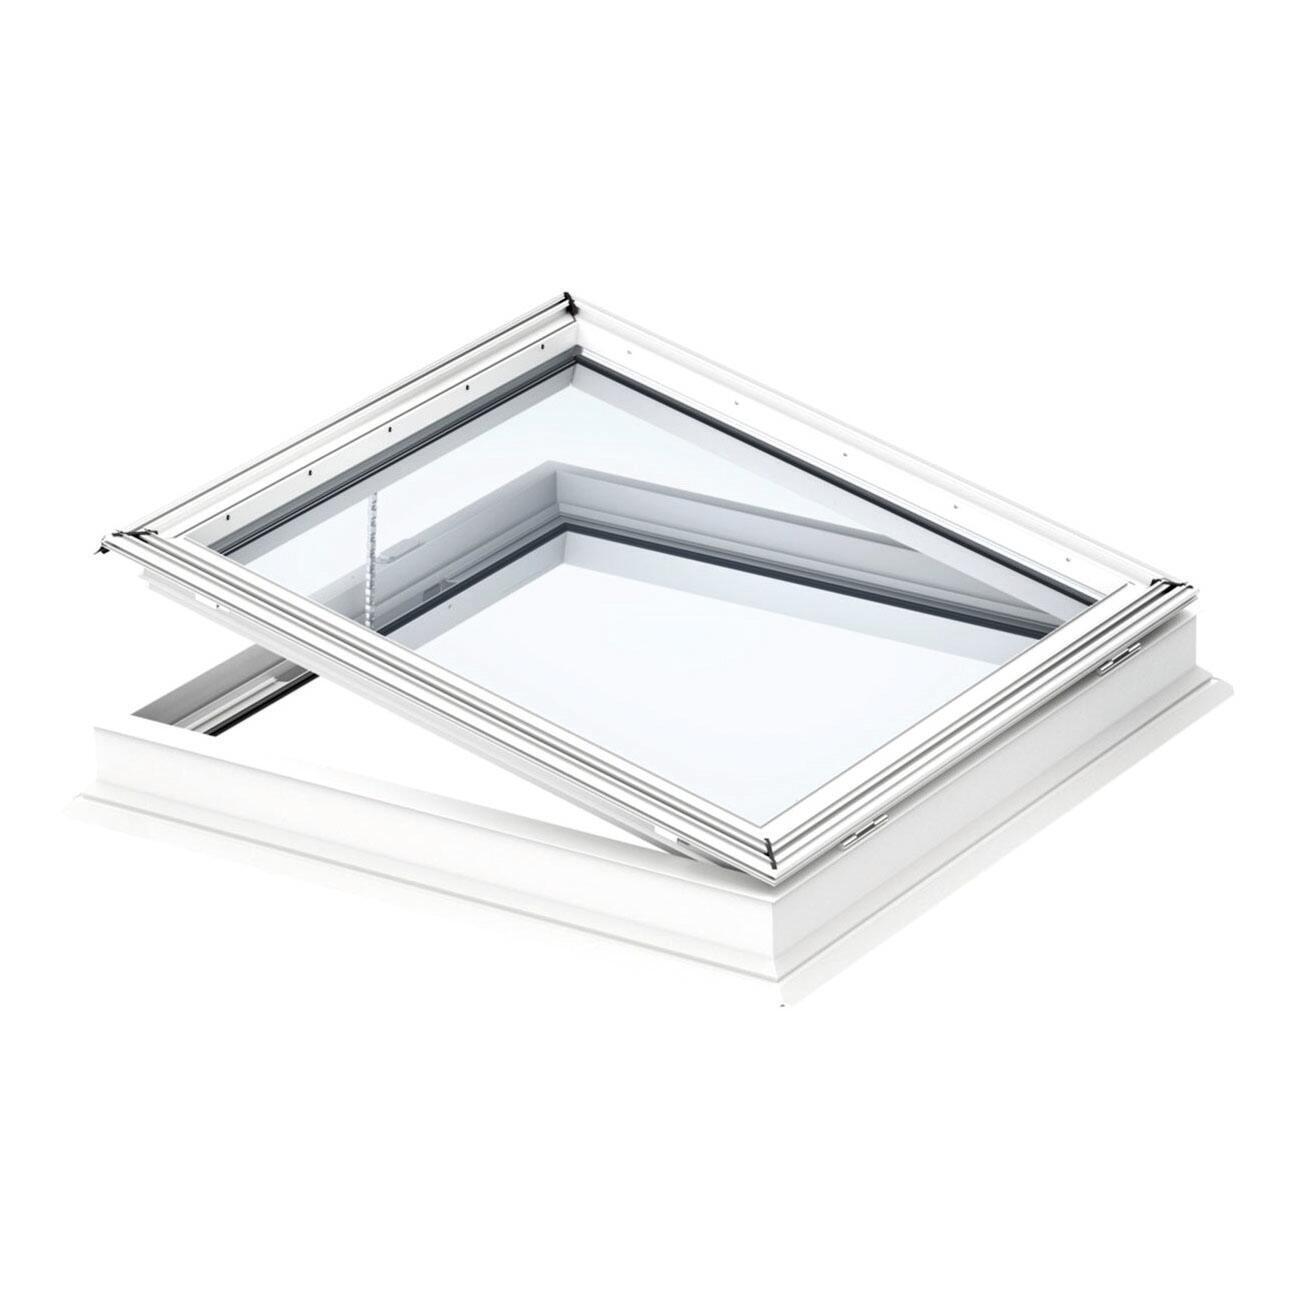 Finestra da tetto VELUX CVP 0673QV elettrico L 150 x H 150 cm bianco